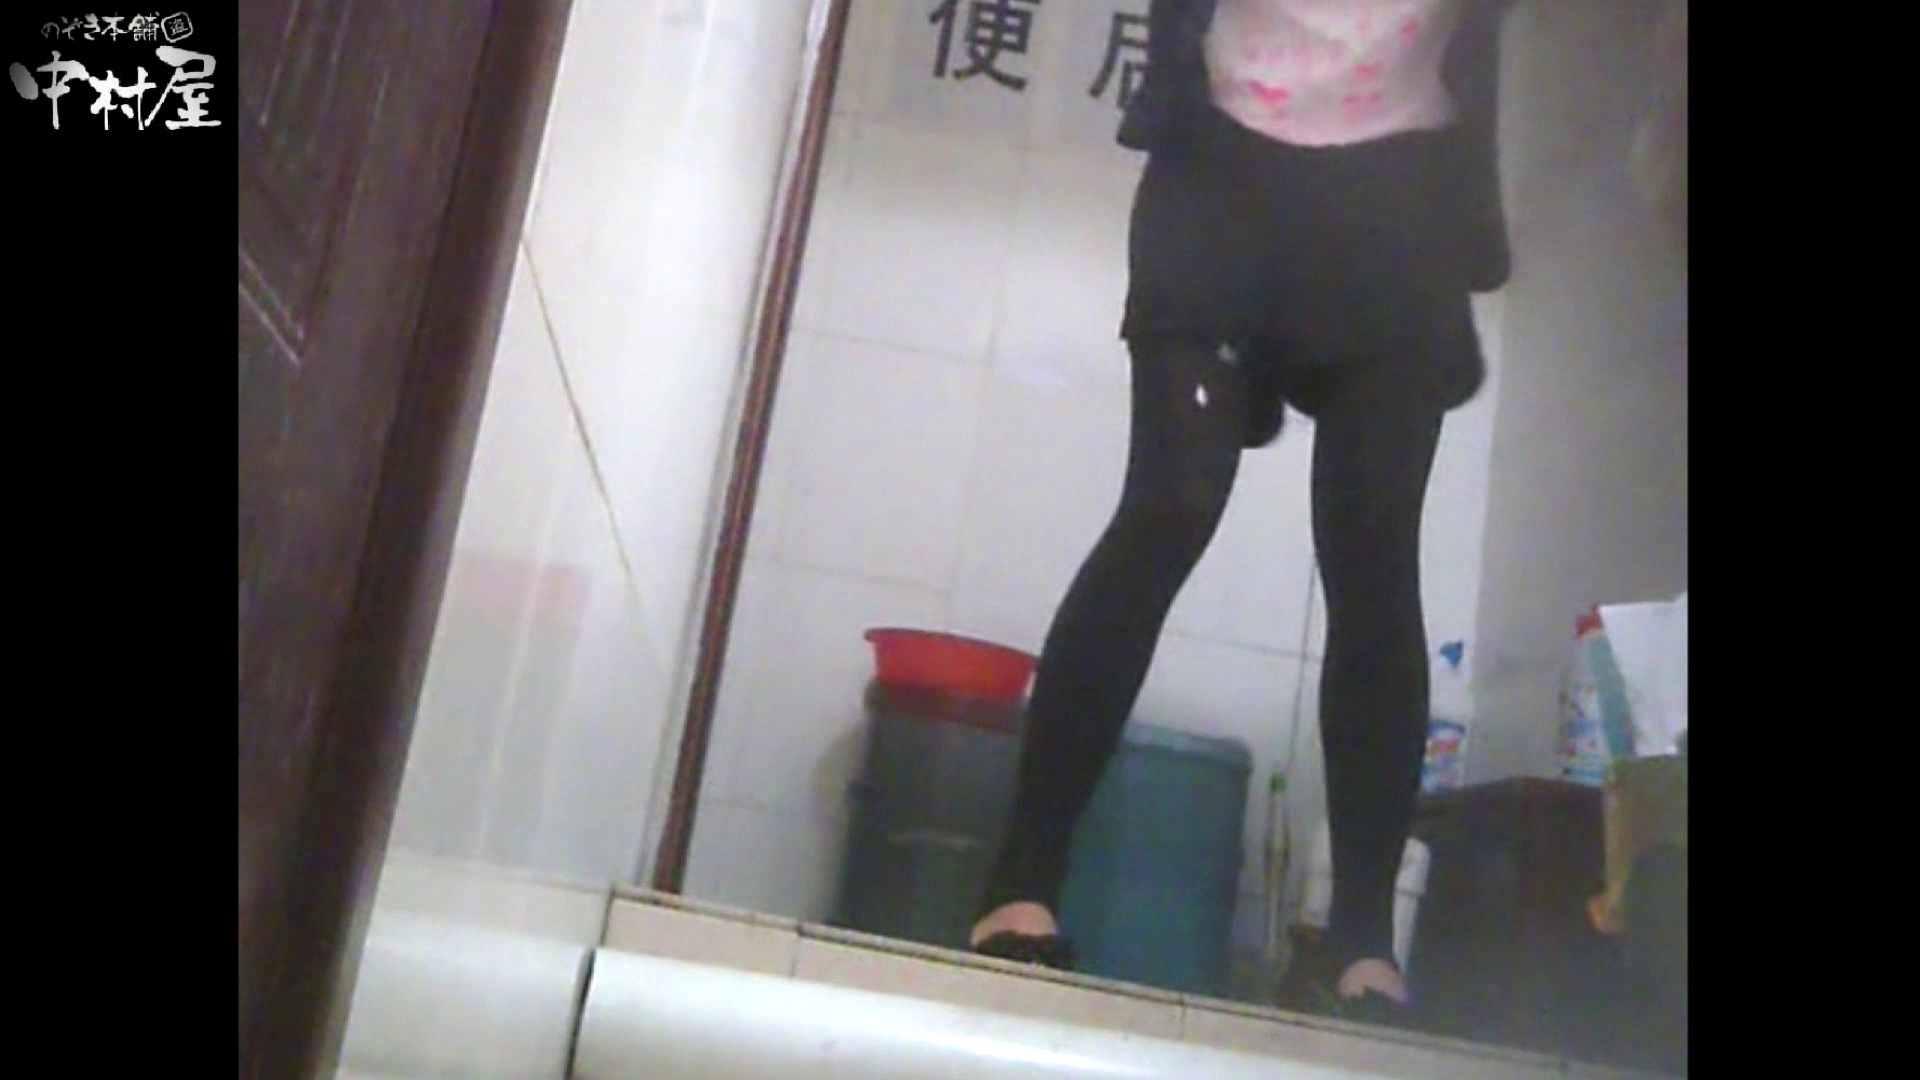 李さんの盗撮日記 Vol.10 エロいギャル   トイレの中まで  11枚 1